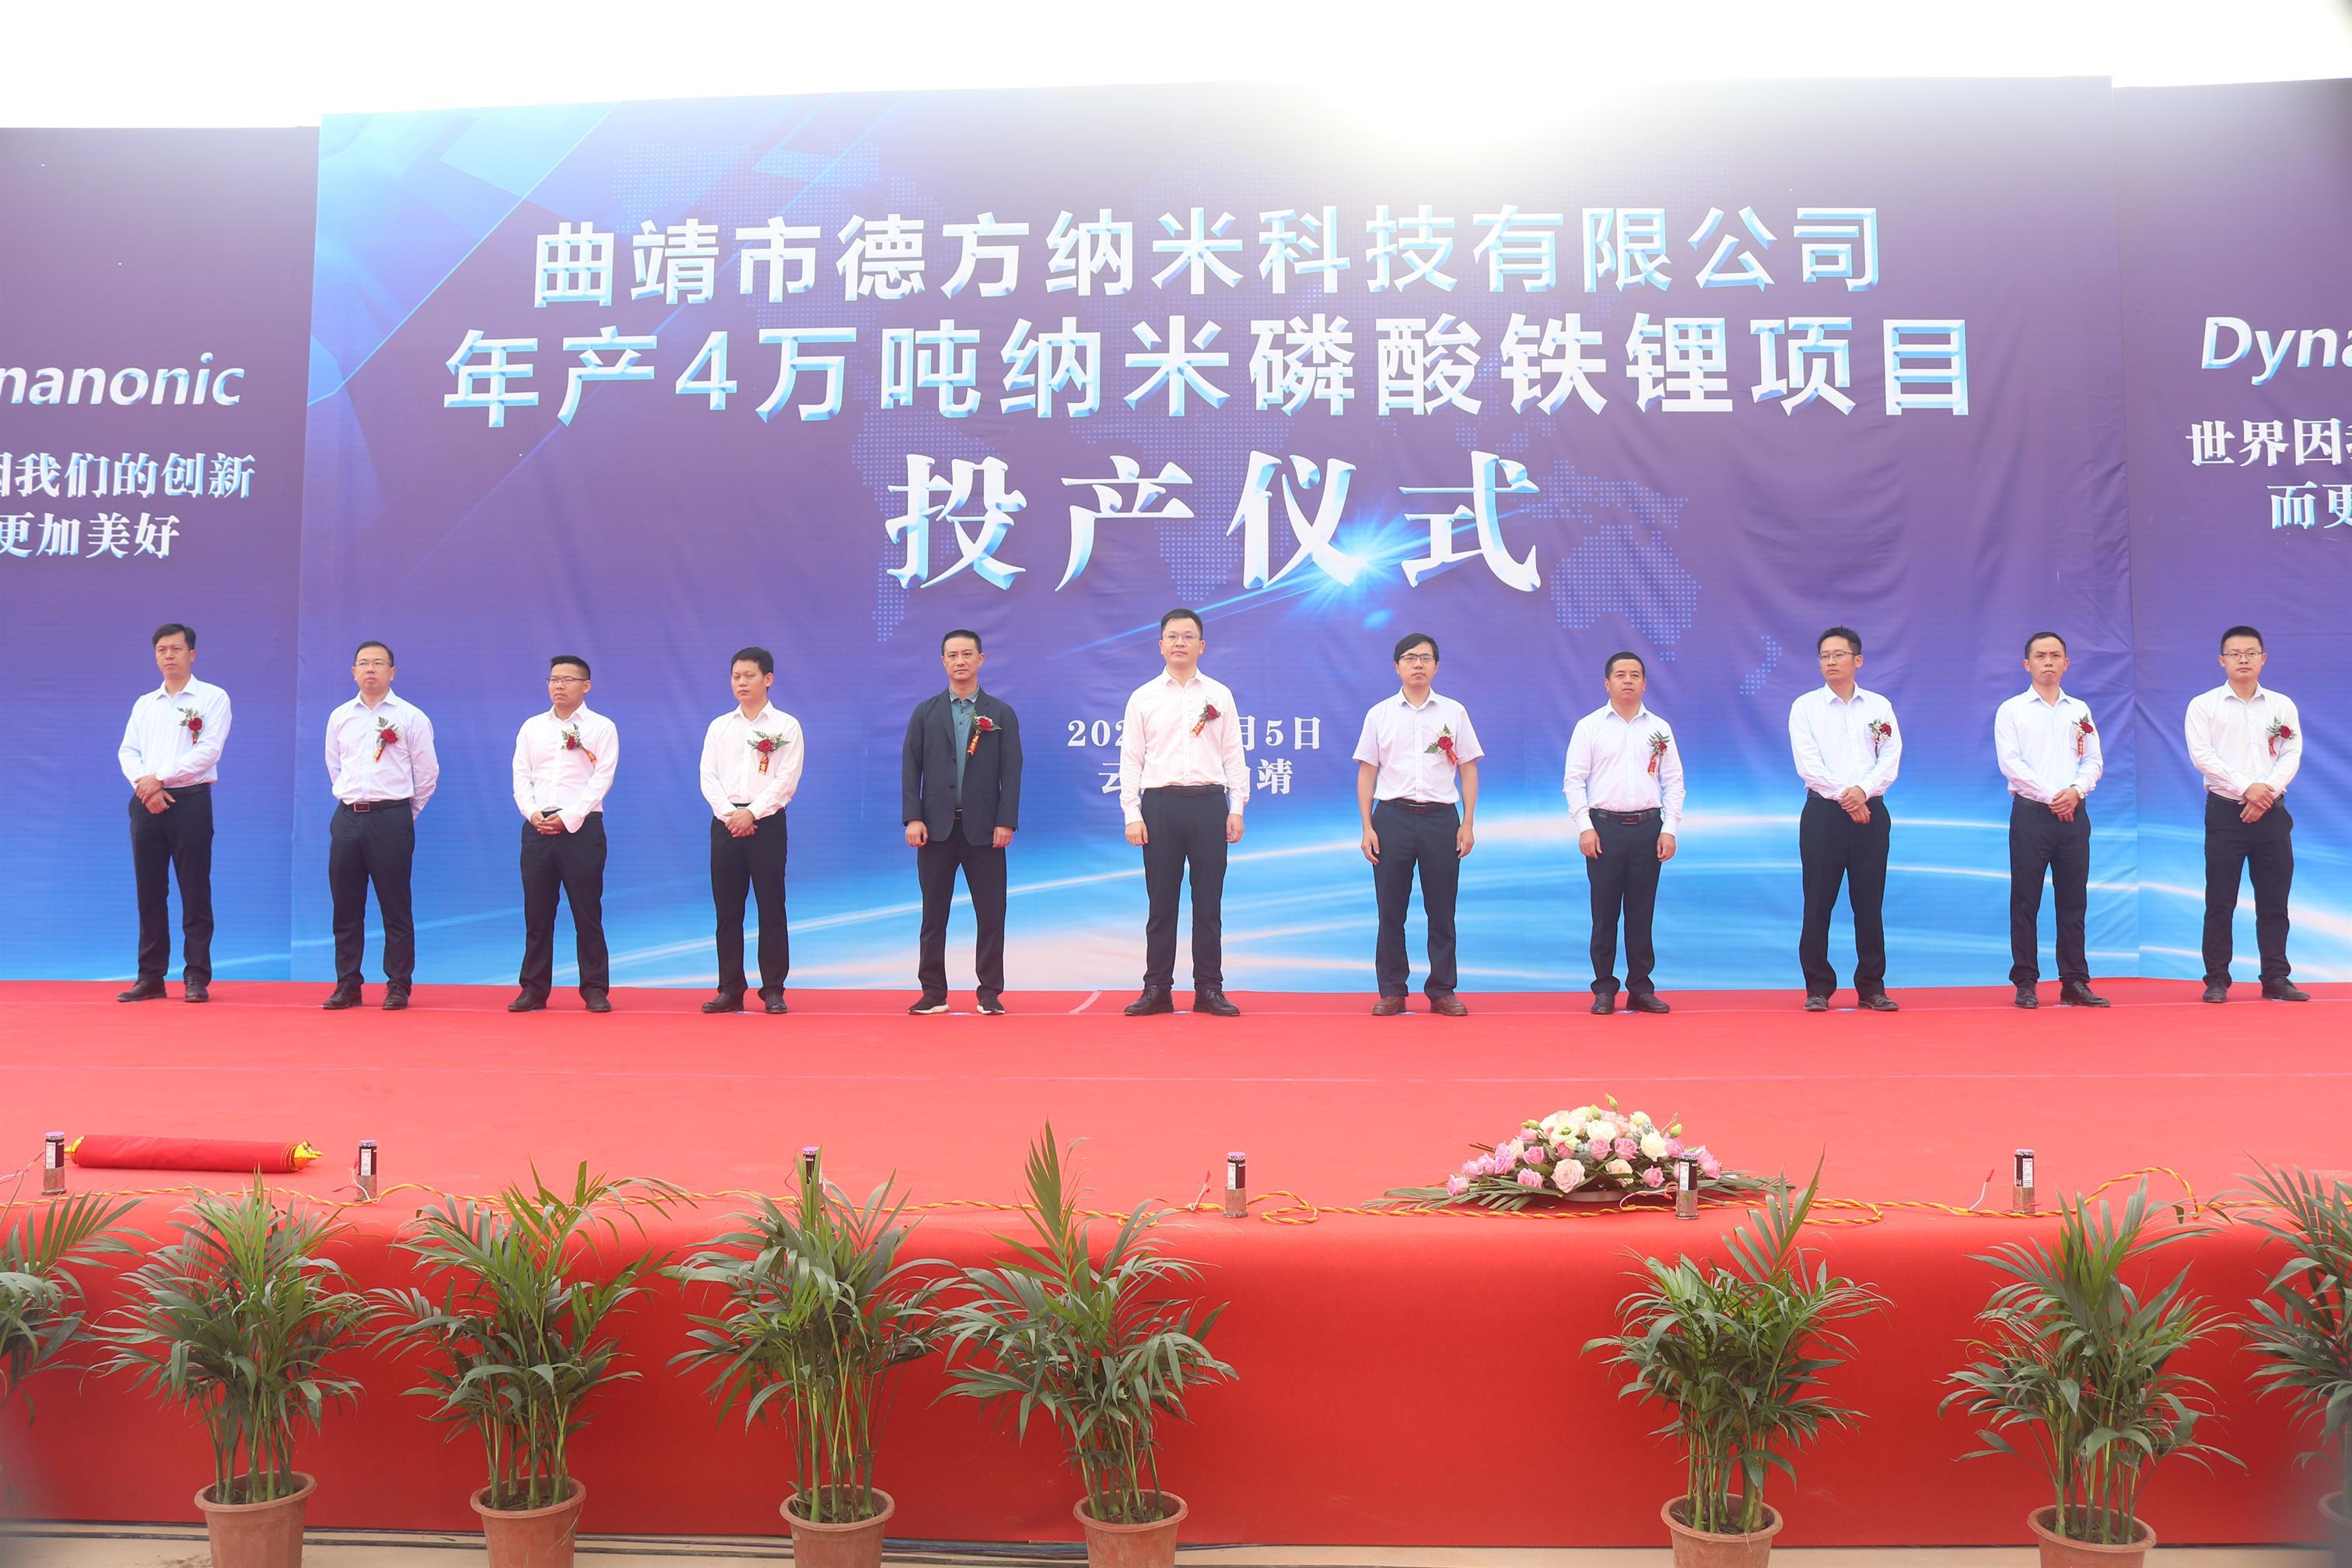 德方纳米拟35亿元投建补锂剂项目 年产能2.5万吨